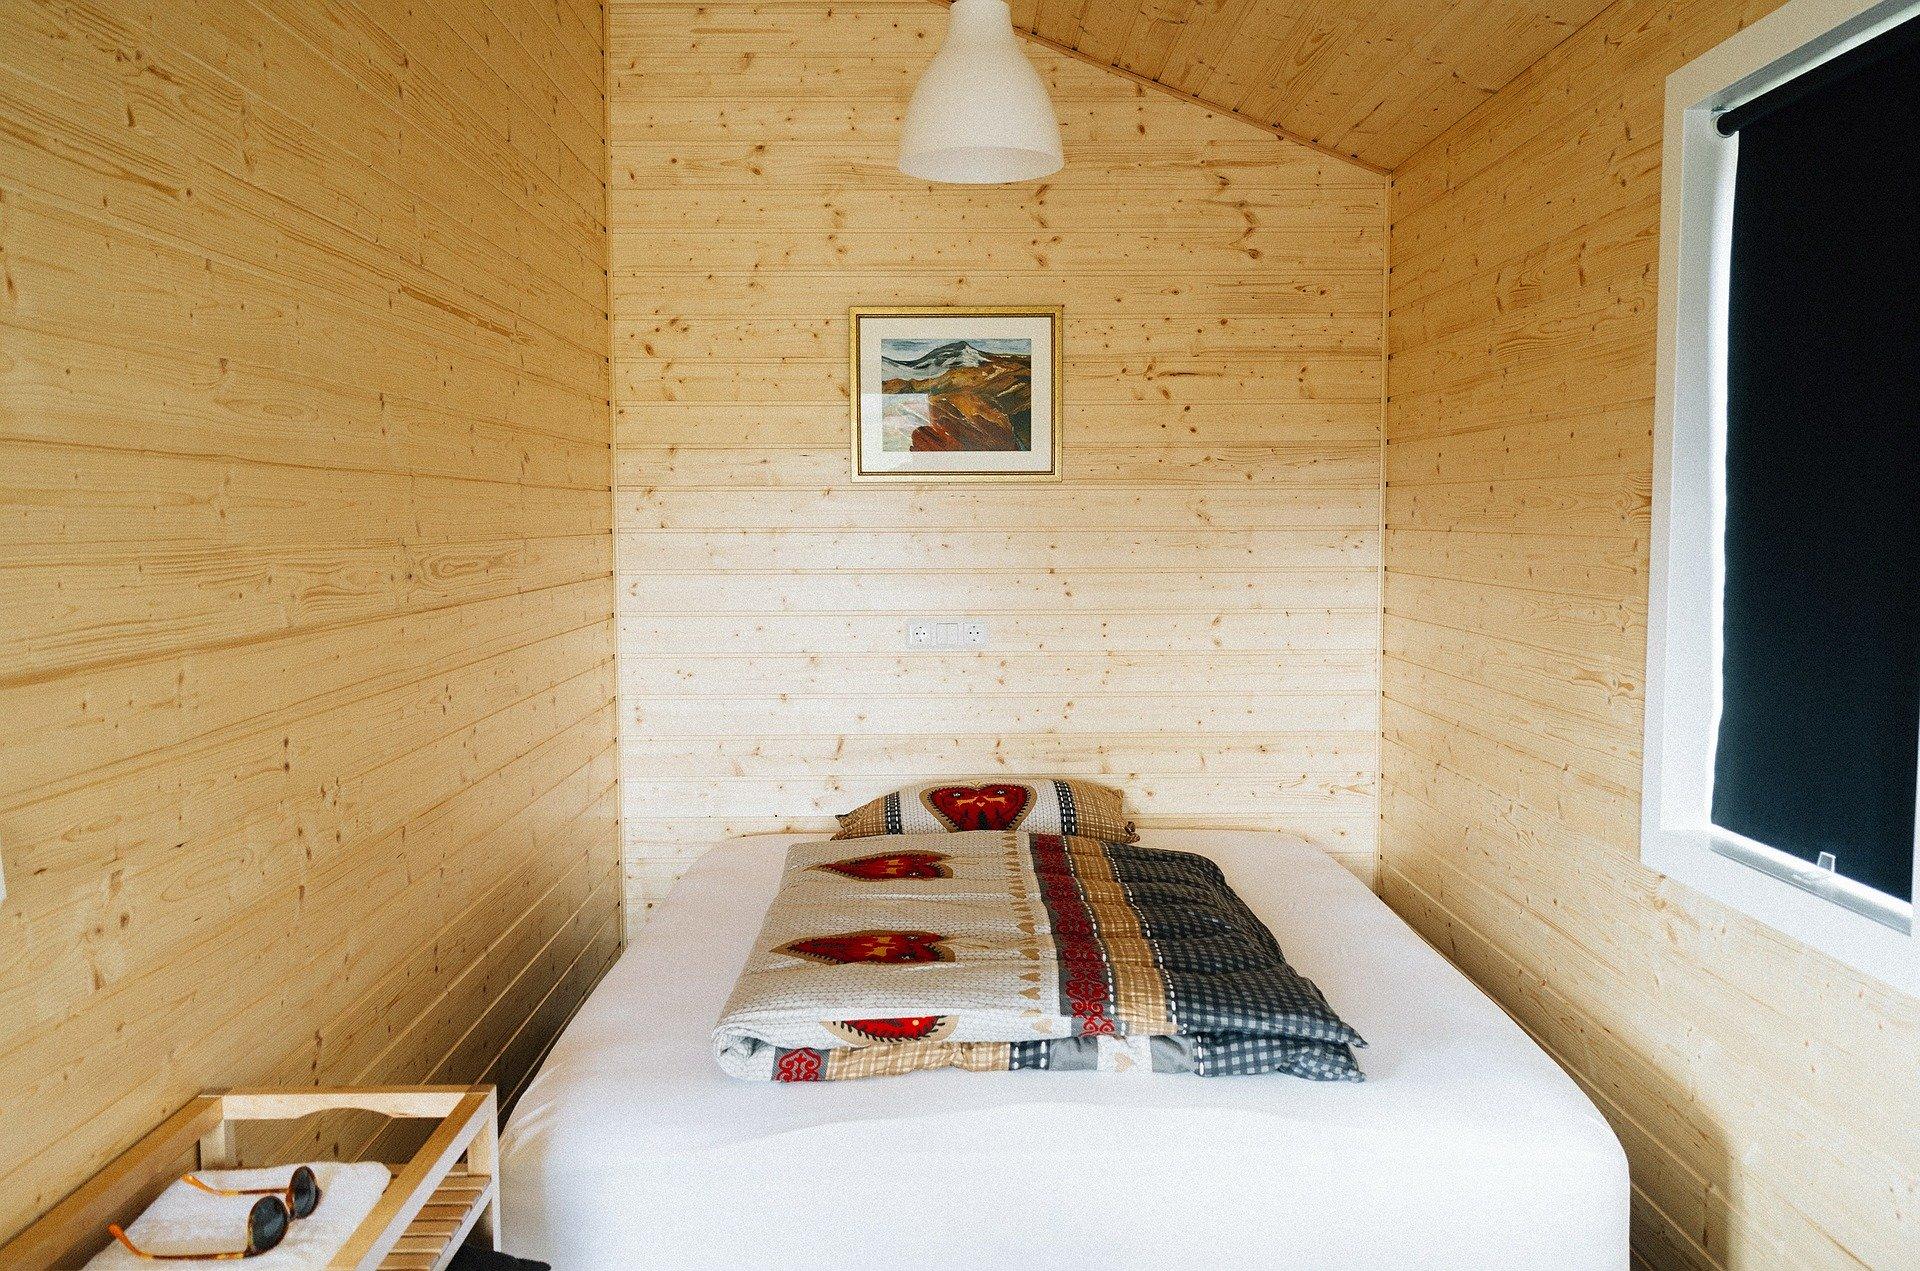 Barvy Adler - dřevěné obložení místnosti